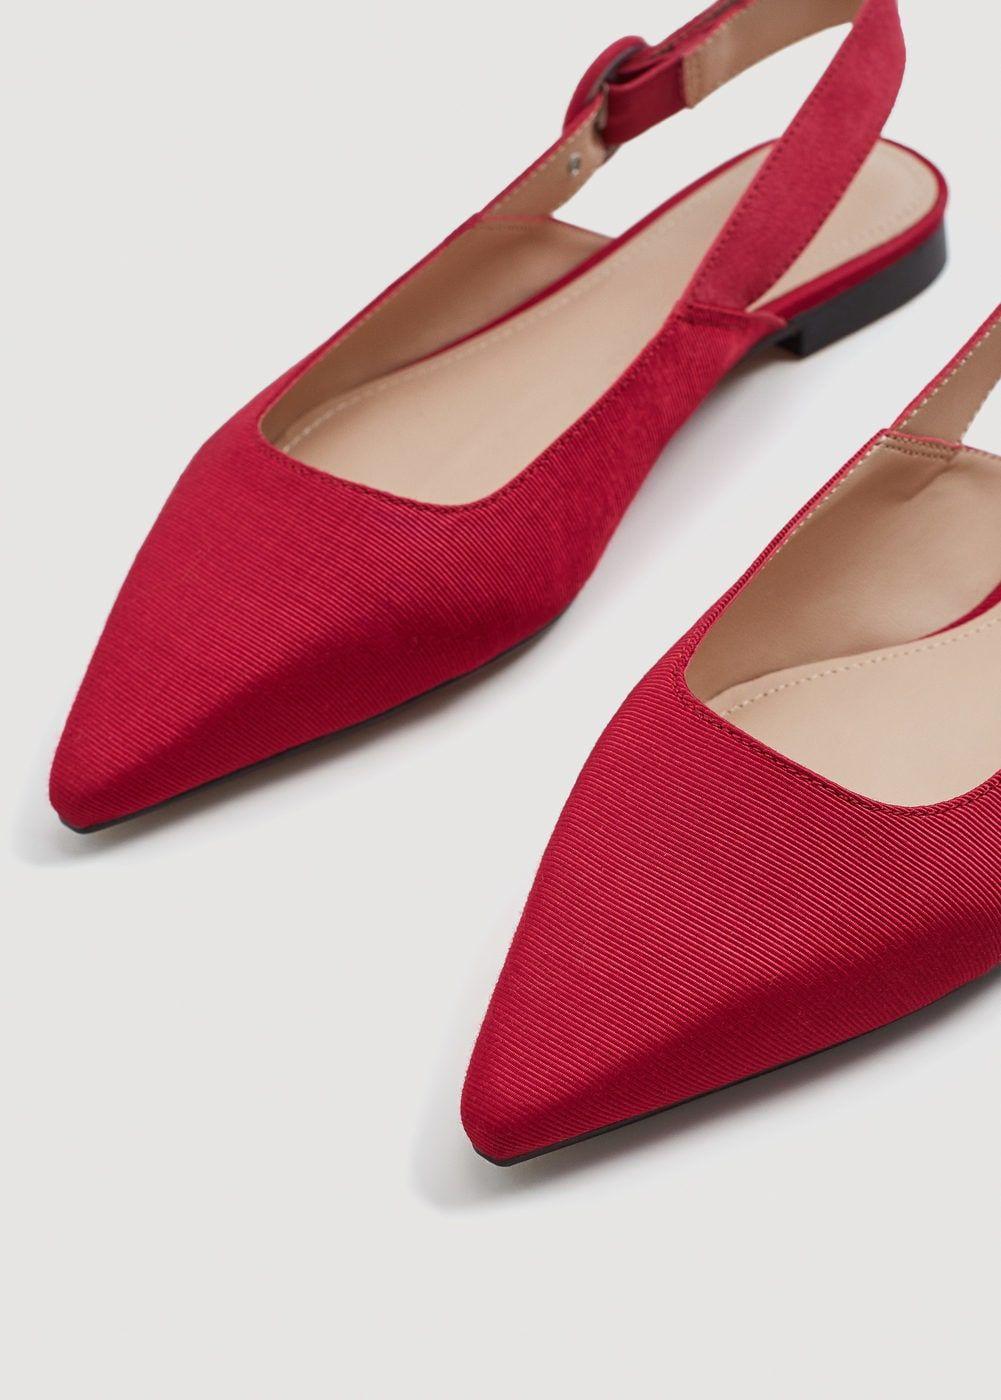 66c99e3fbb897 Zapato destalonado punta textura - Zapatos de Mujer en 2019